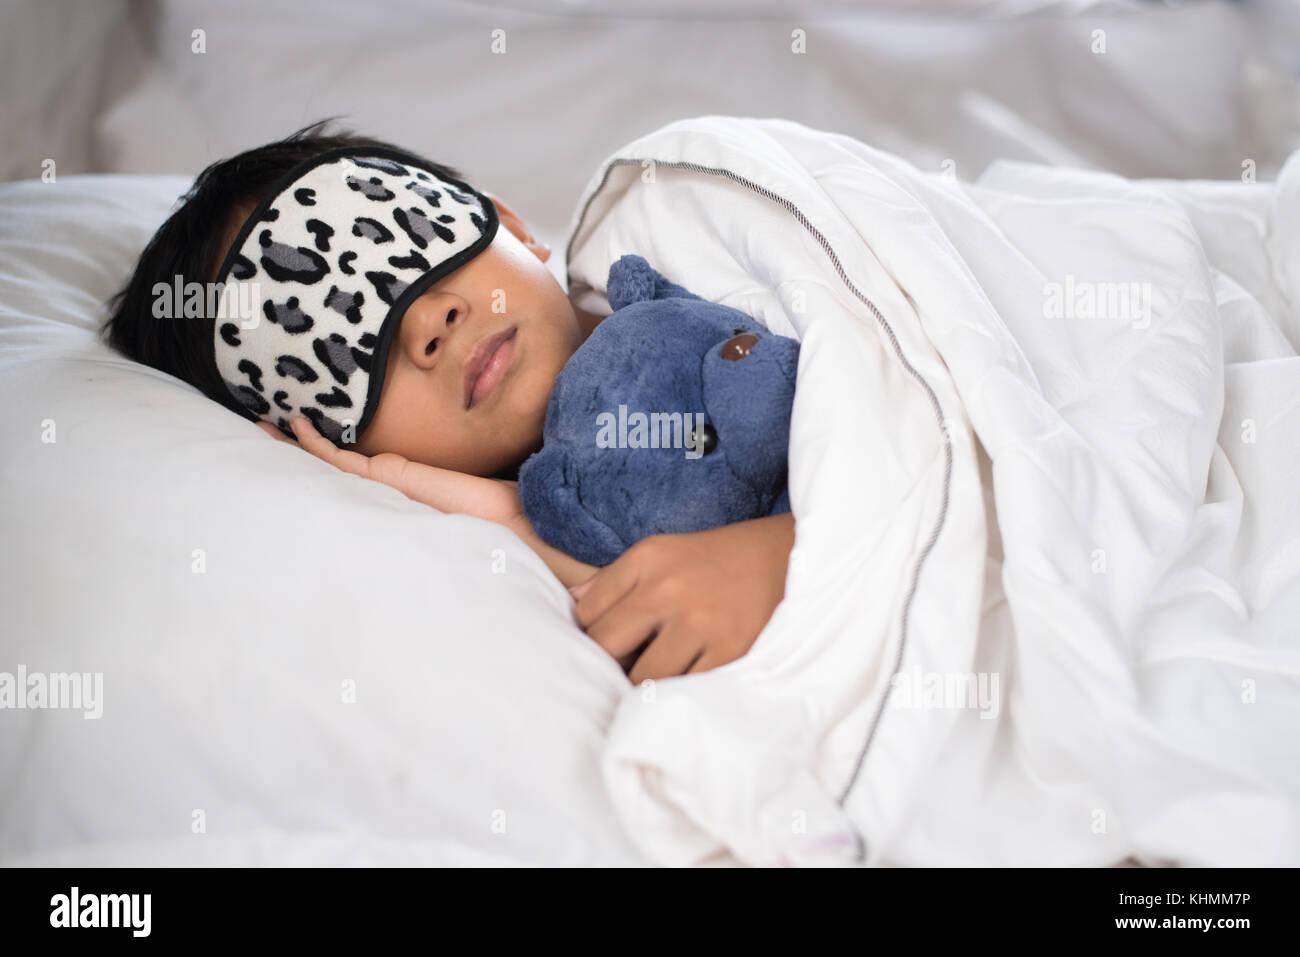 White Baby Sleep Pillow